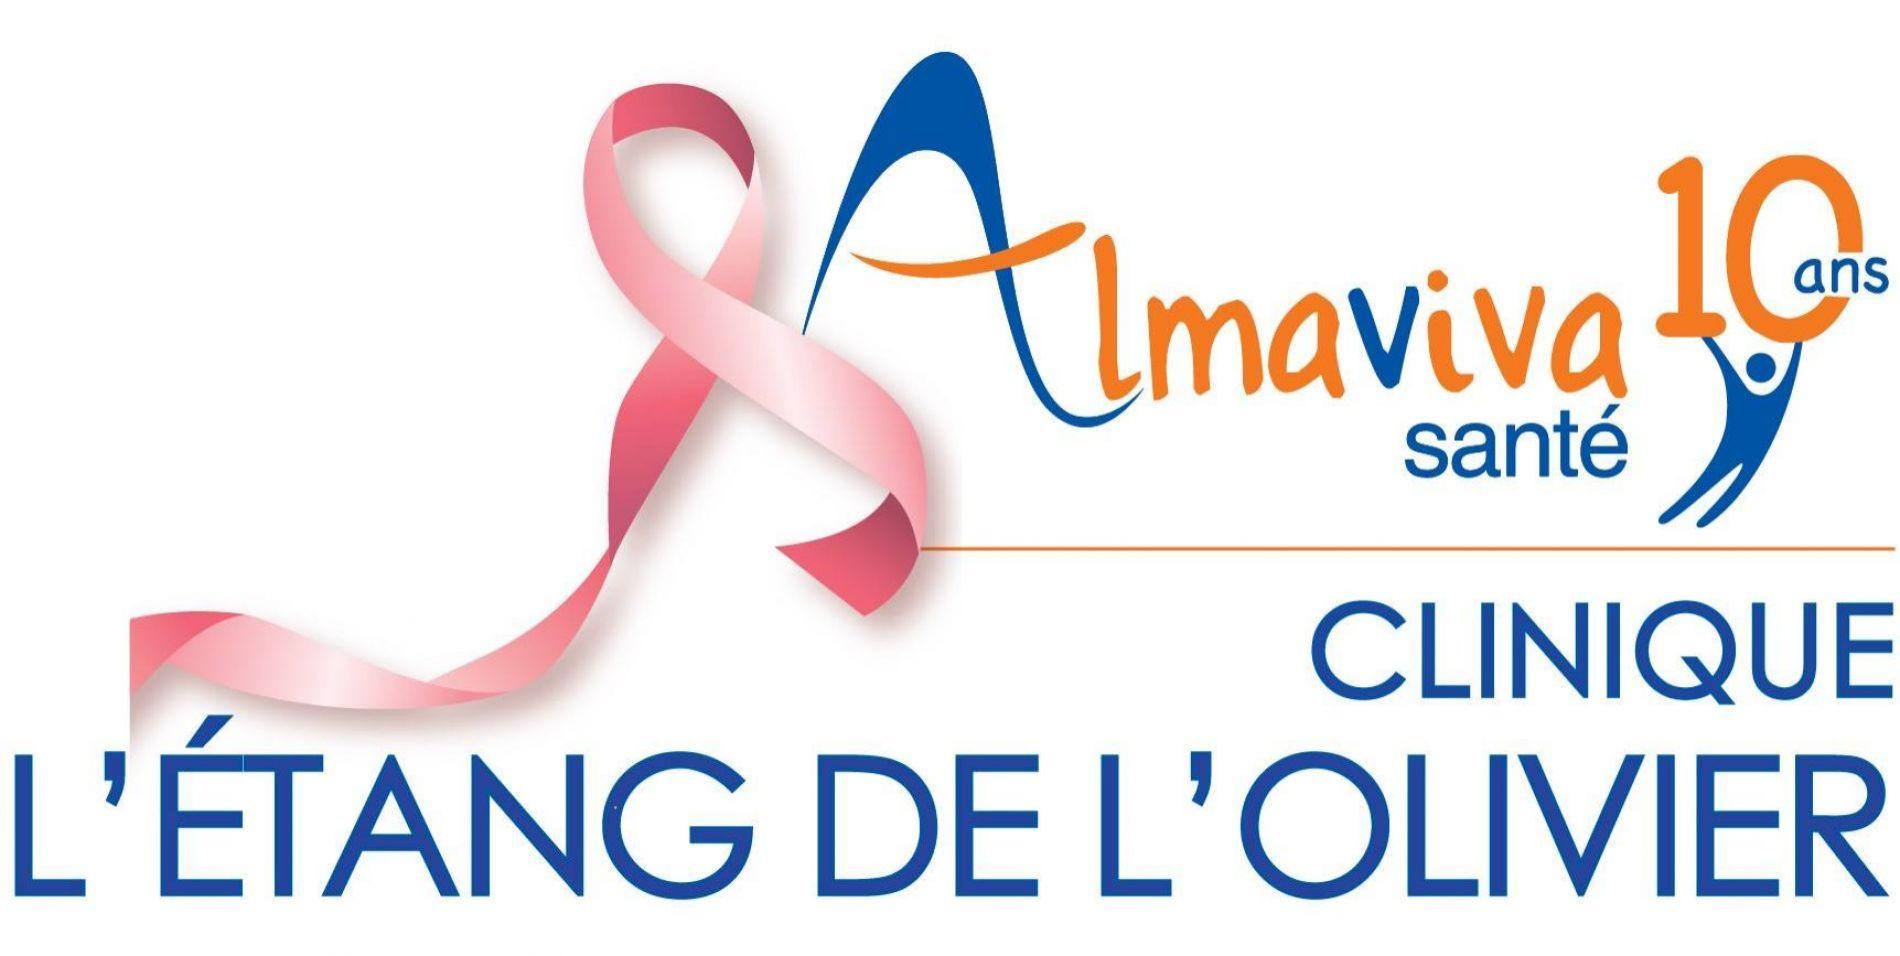 Octobre rose 2017 - Mois de sensibilisation au dépistage du cancer du sein